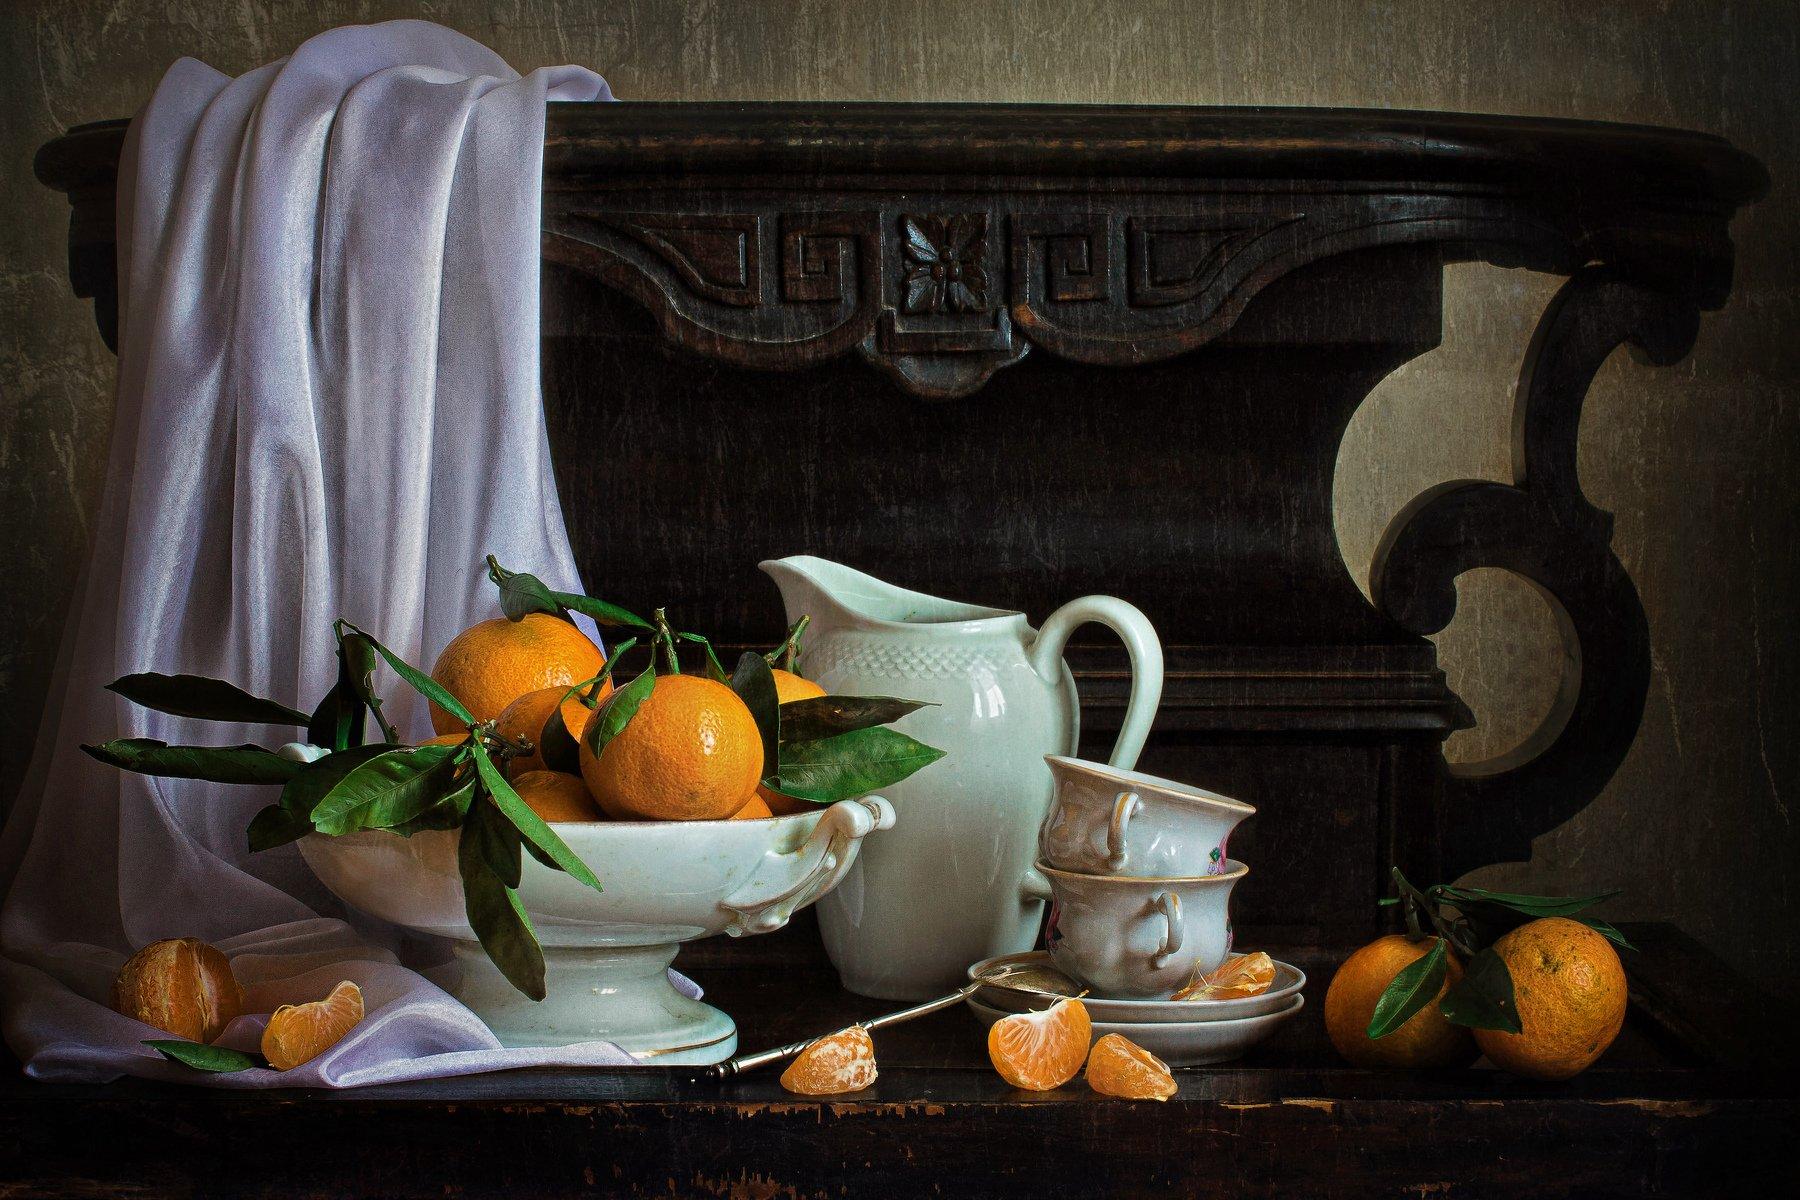 натюрморт, фарфор, кувшин, фрукты, мандарины, Анна Петина